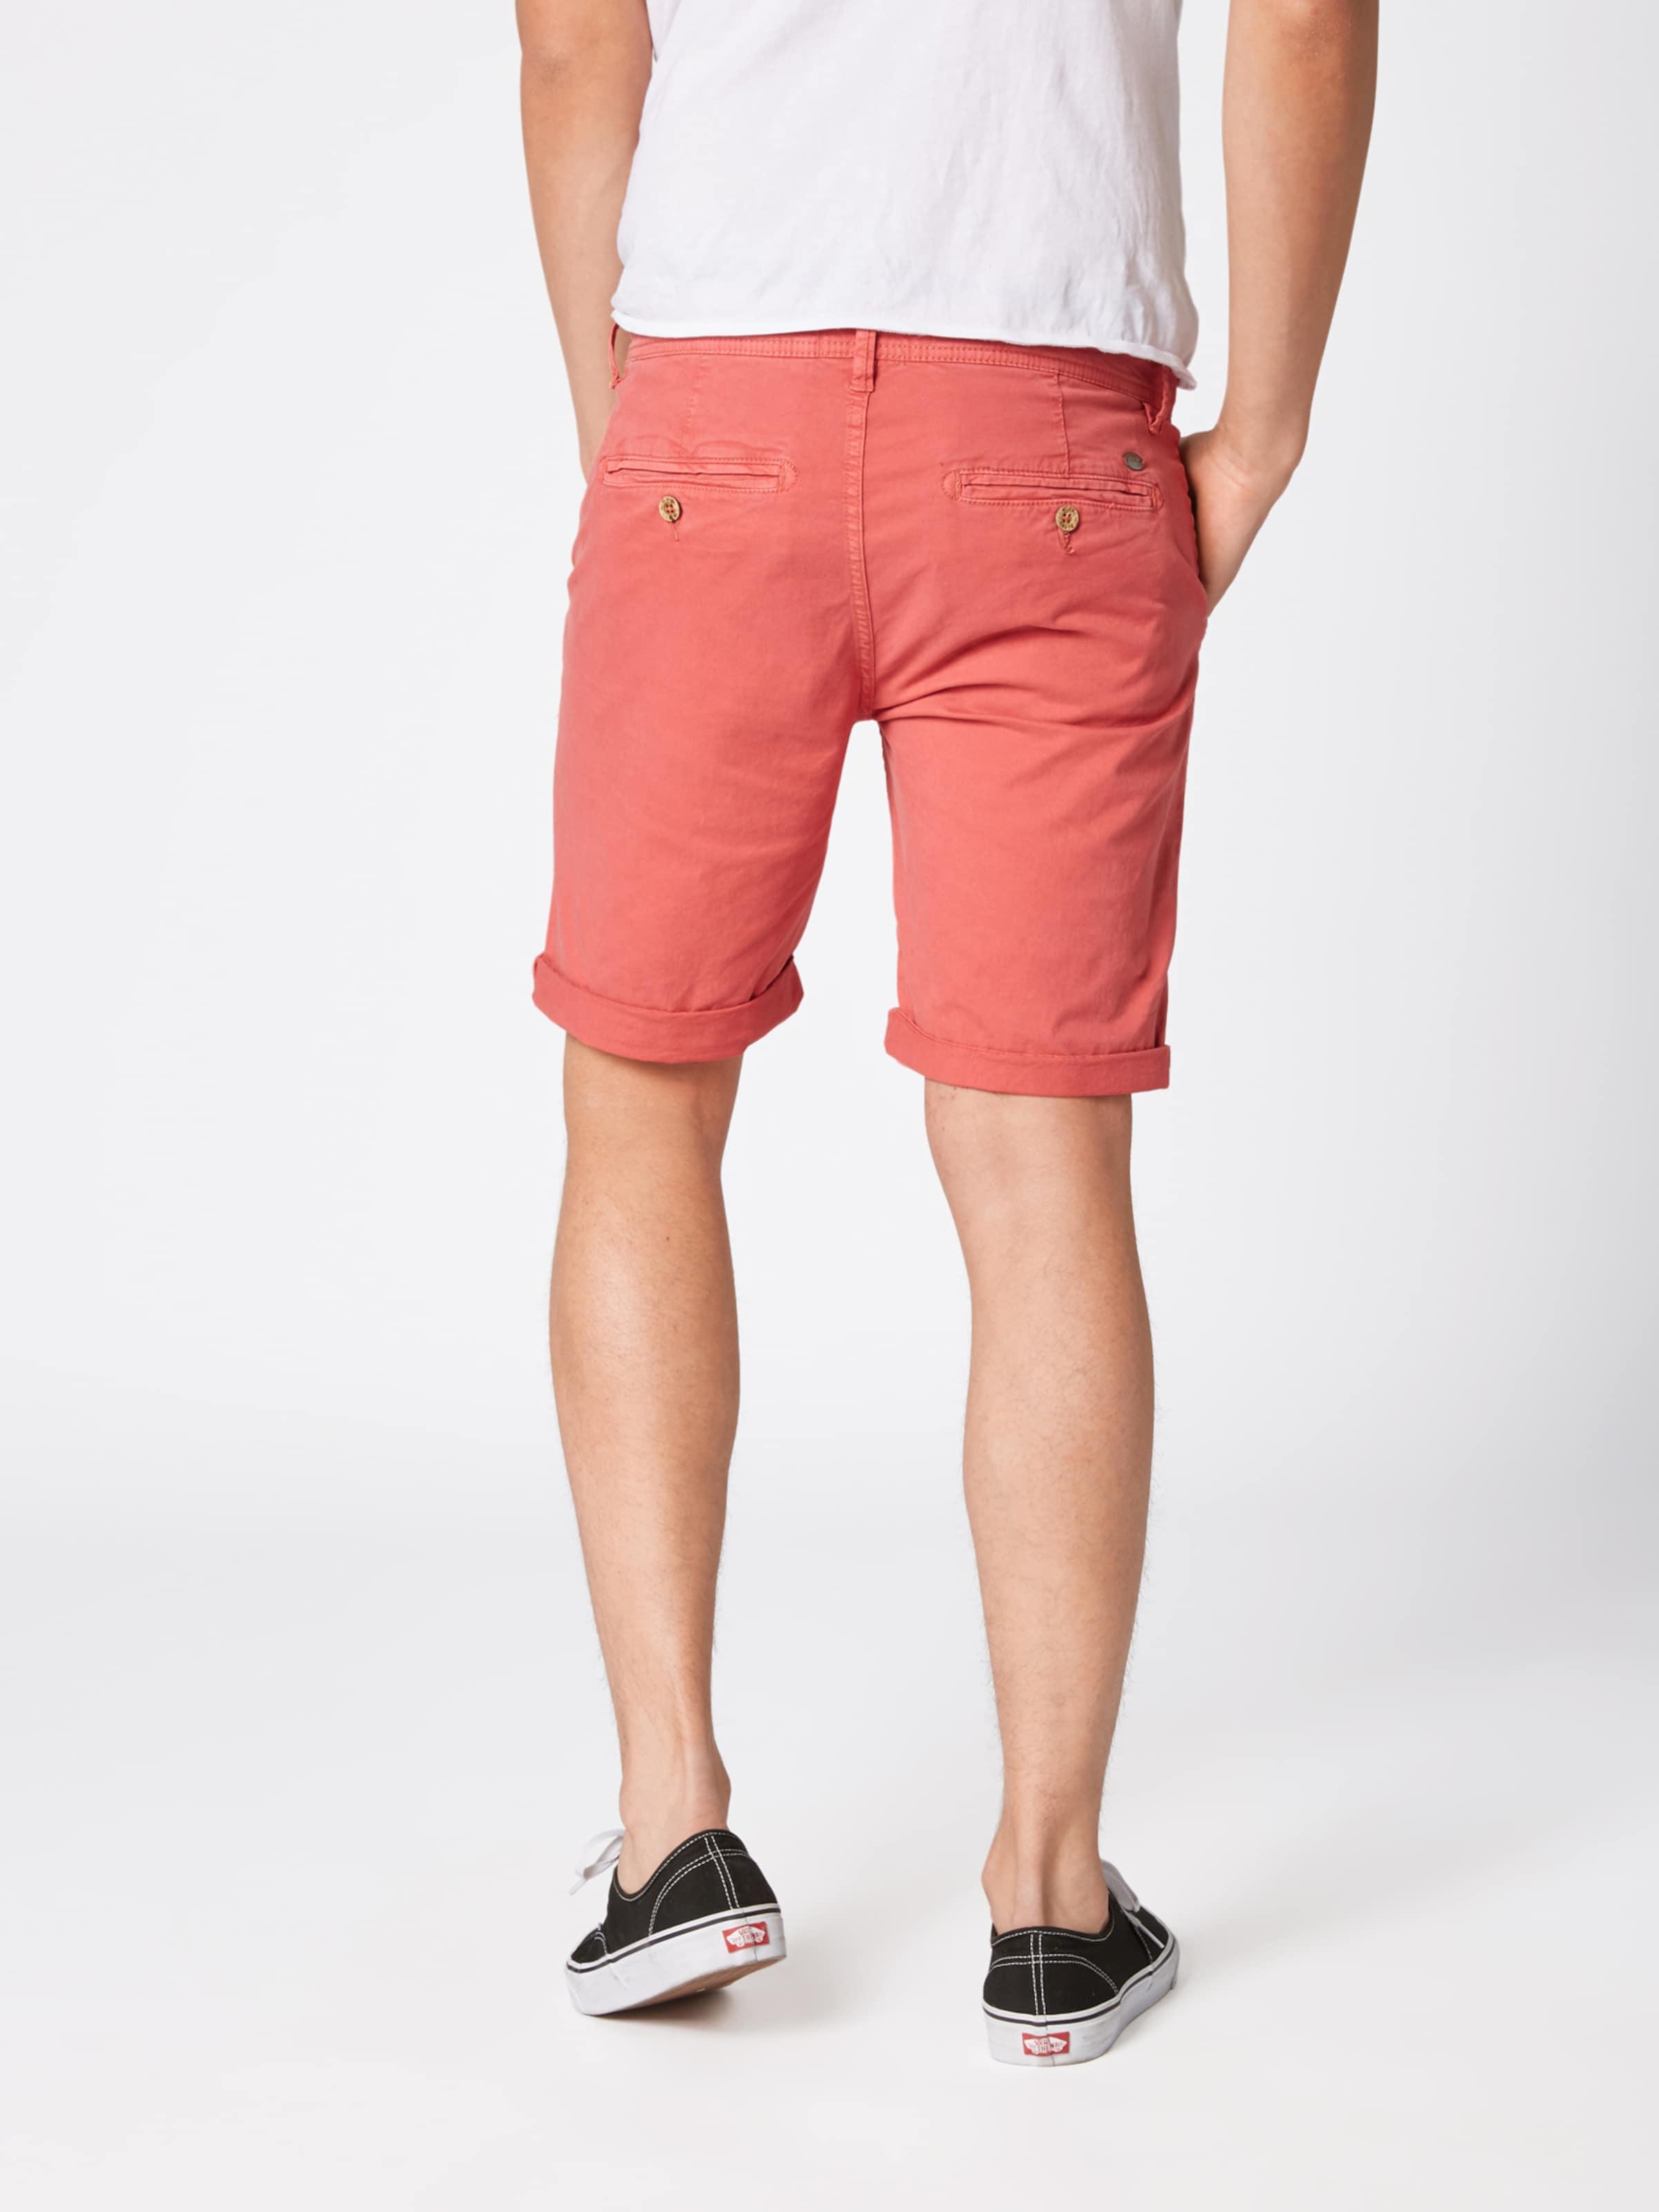 Blend Chino Pantalon Blend Pantalon Blanc En Chino En RLq5Aj3c4